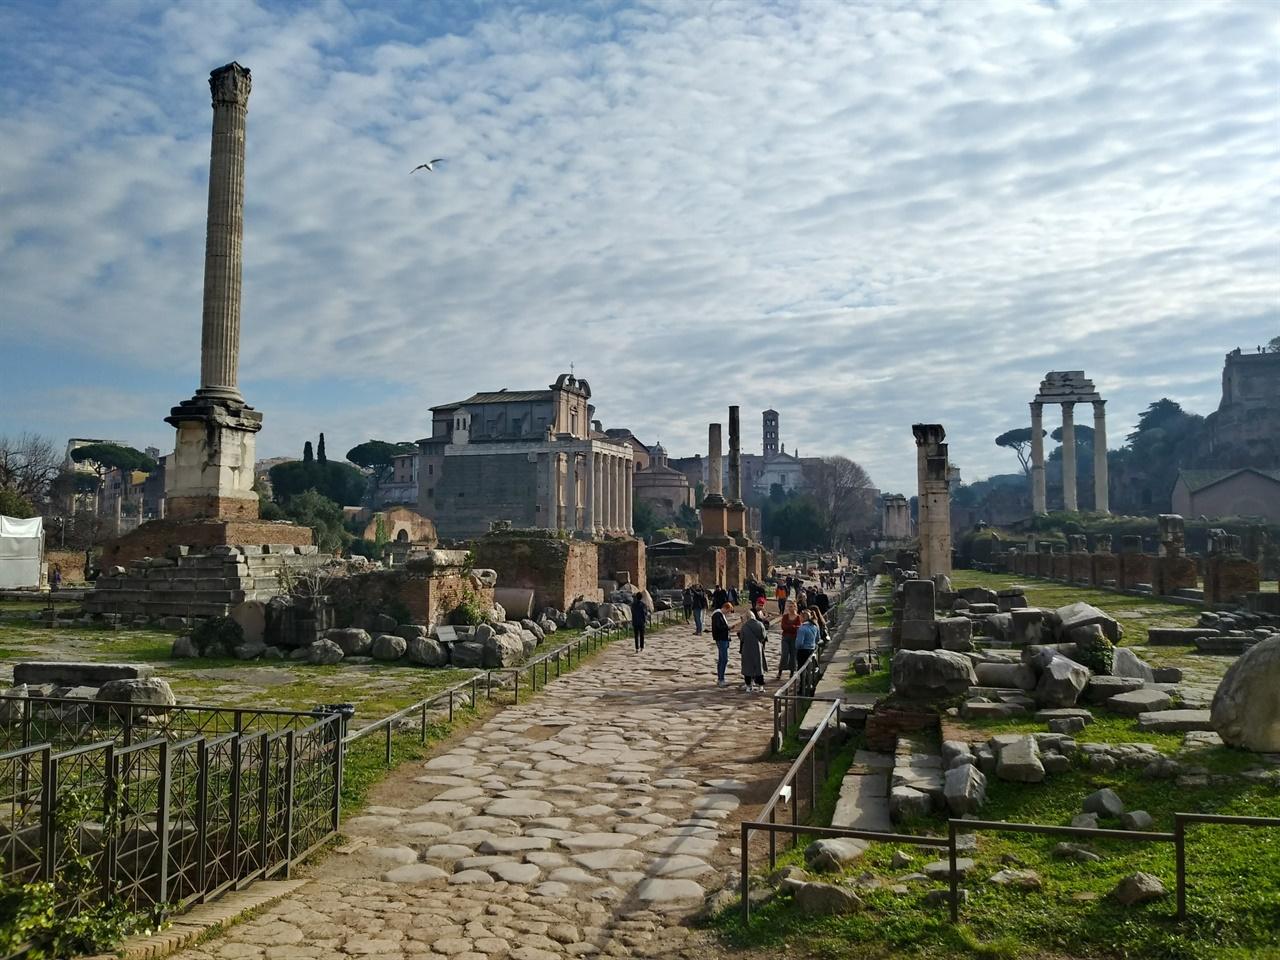 포로 로마노 전경 폐허에는 무궁무진한 이야기가 담겨 있다. 부서진 수많은 잔해 뒤로 저 멀리 콜로세오의 모습이 보인다.